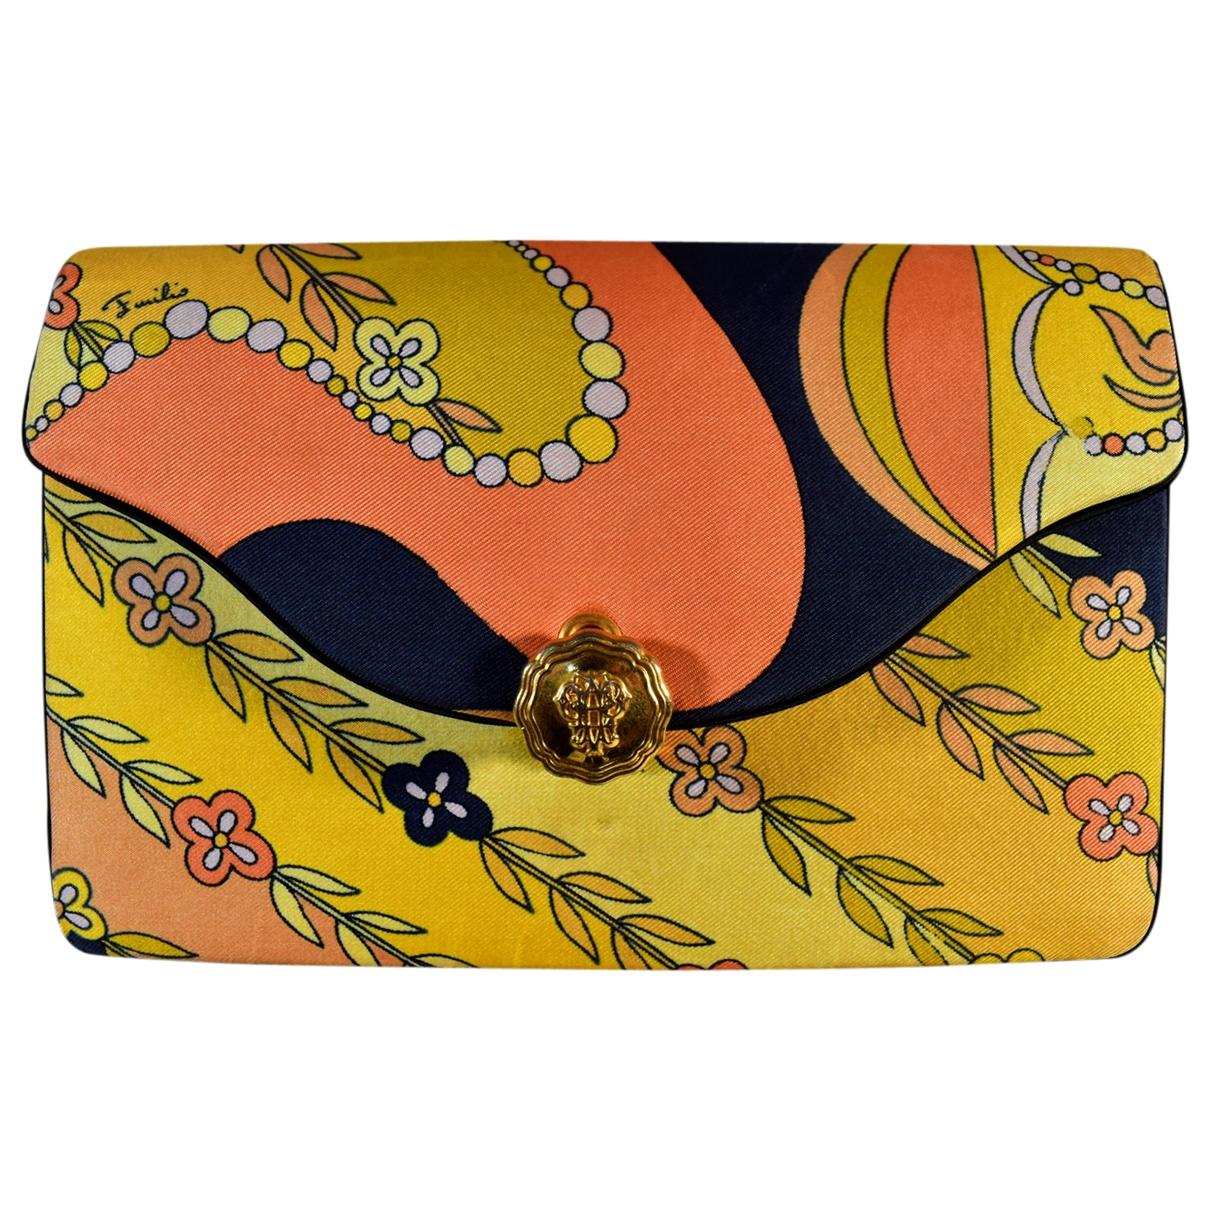 Emilio Pucci - Pochette   pour femme en soie - multicolore